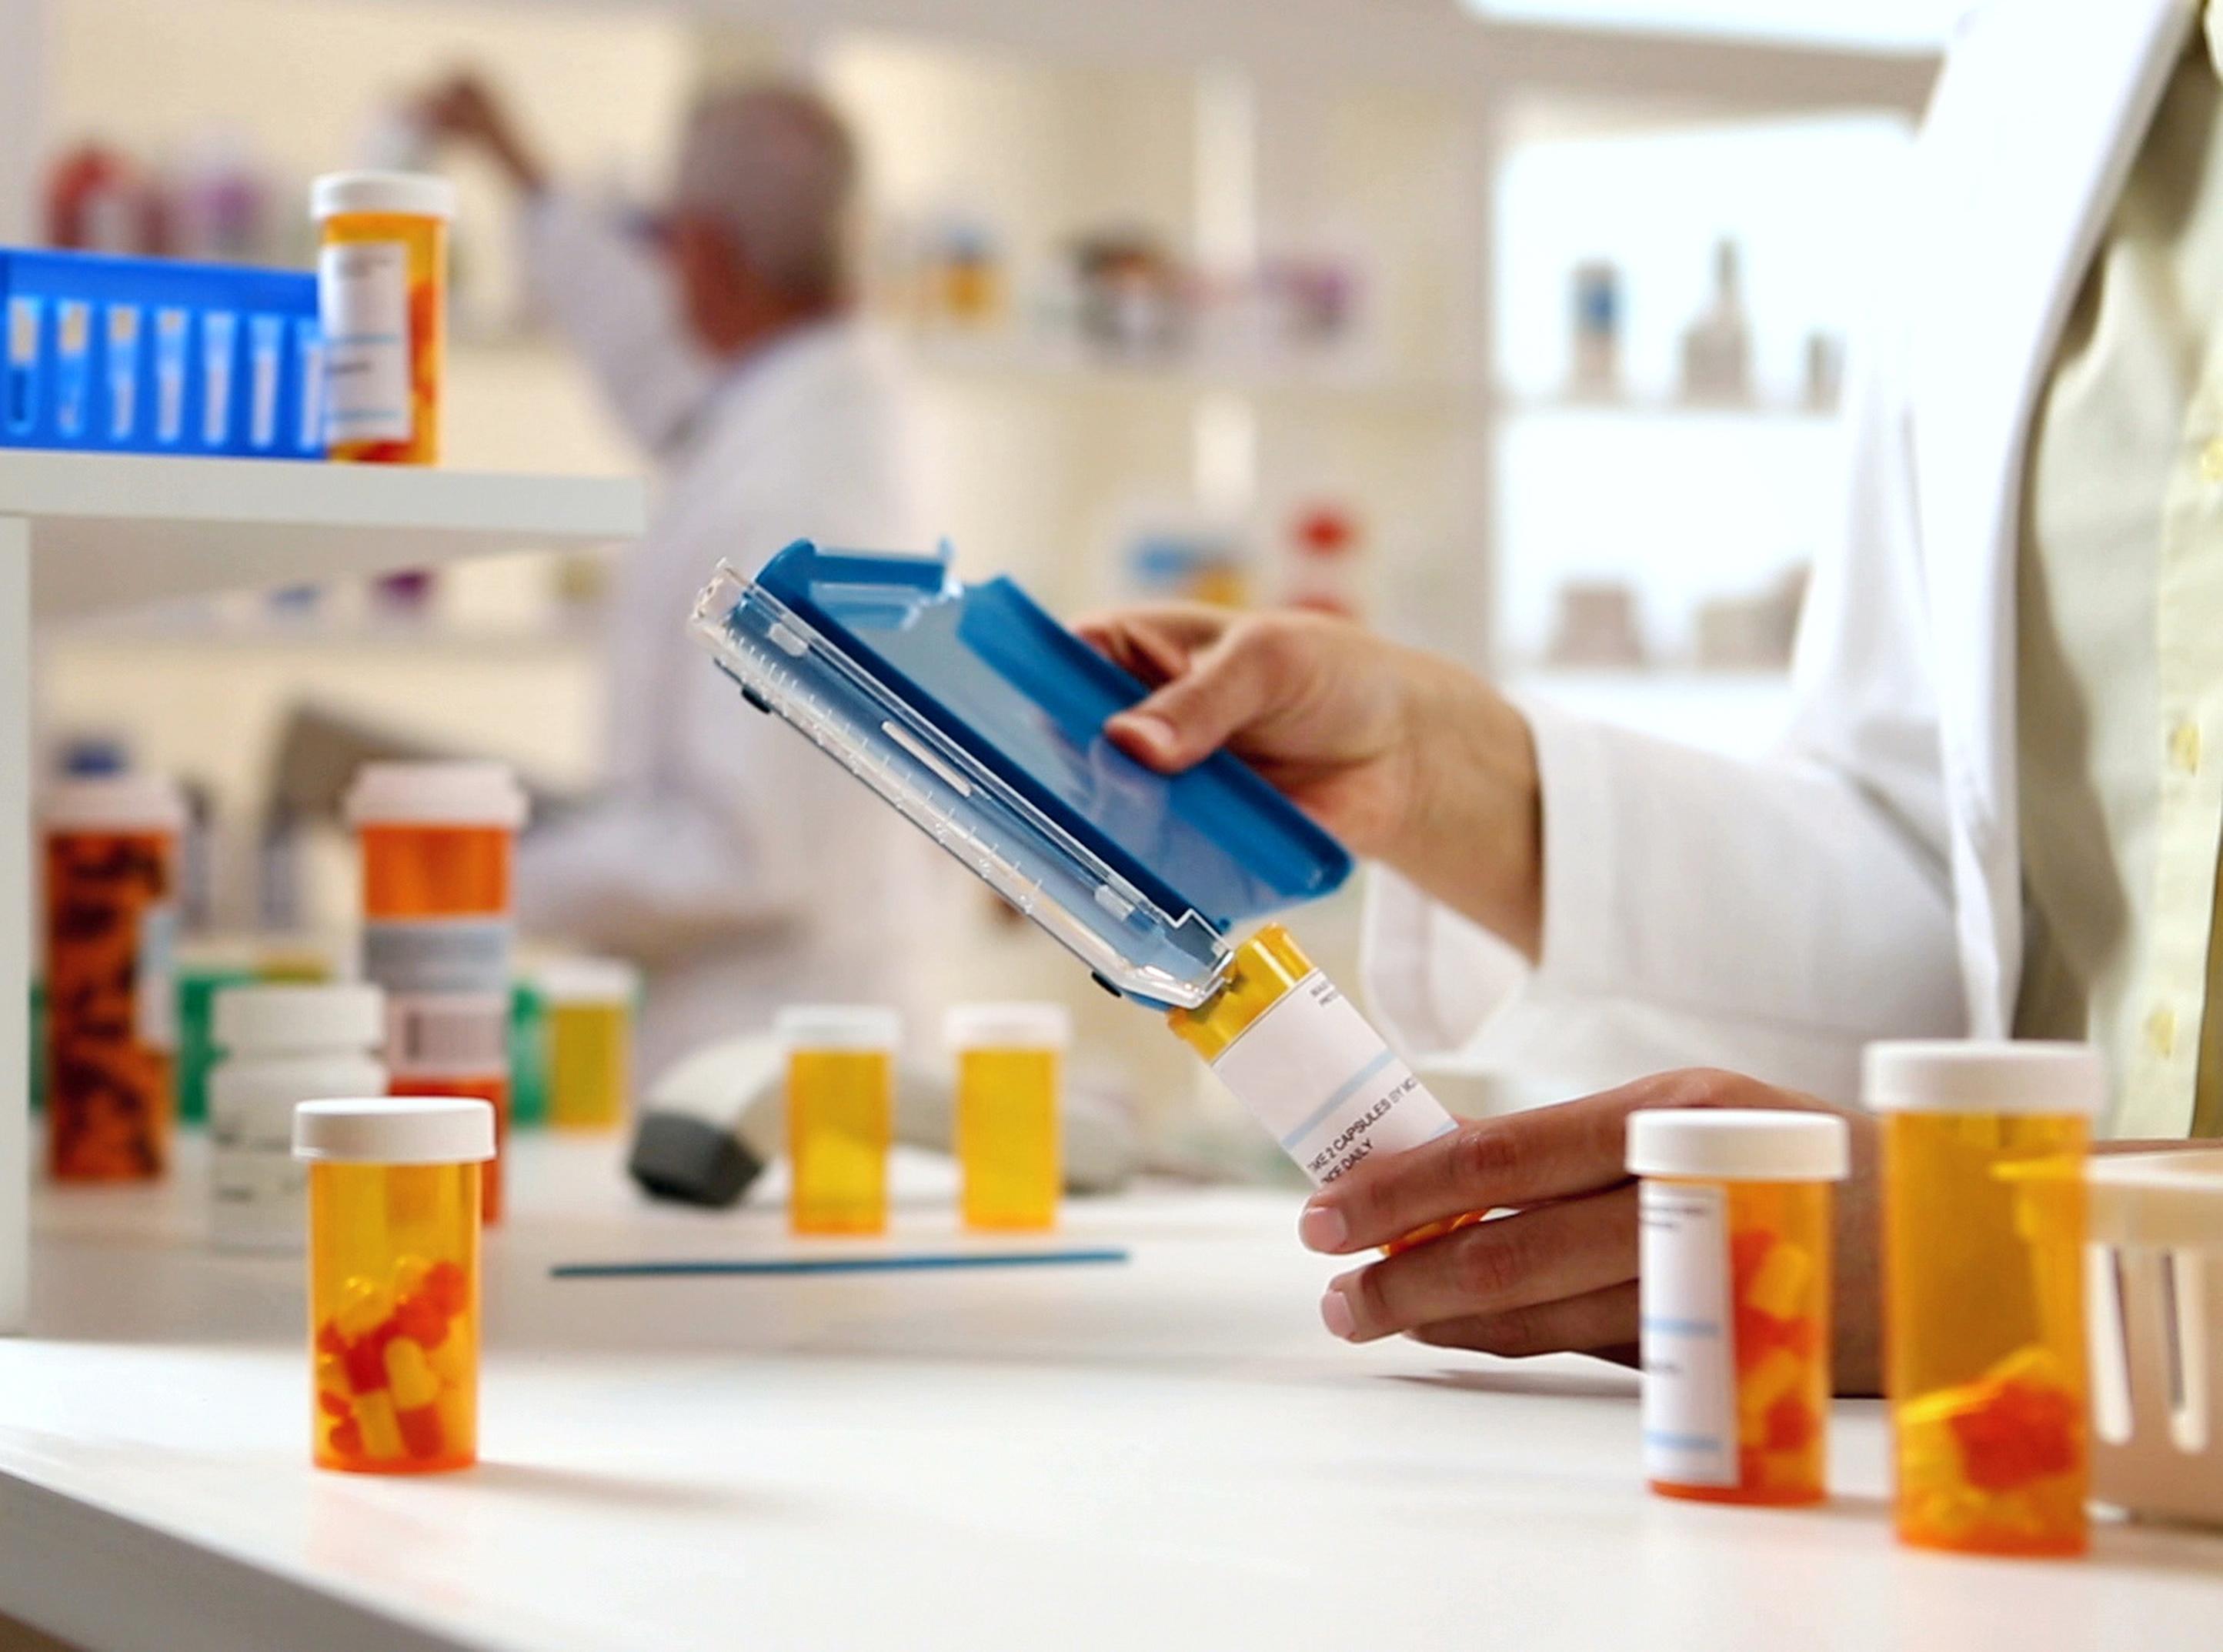 iStock-913784258_pharmacist filling pills